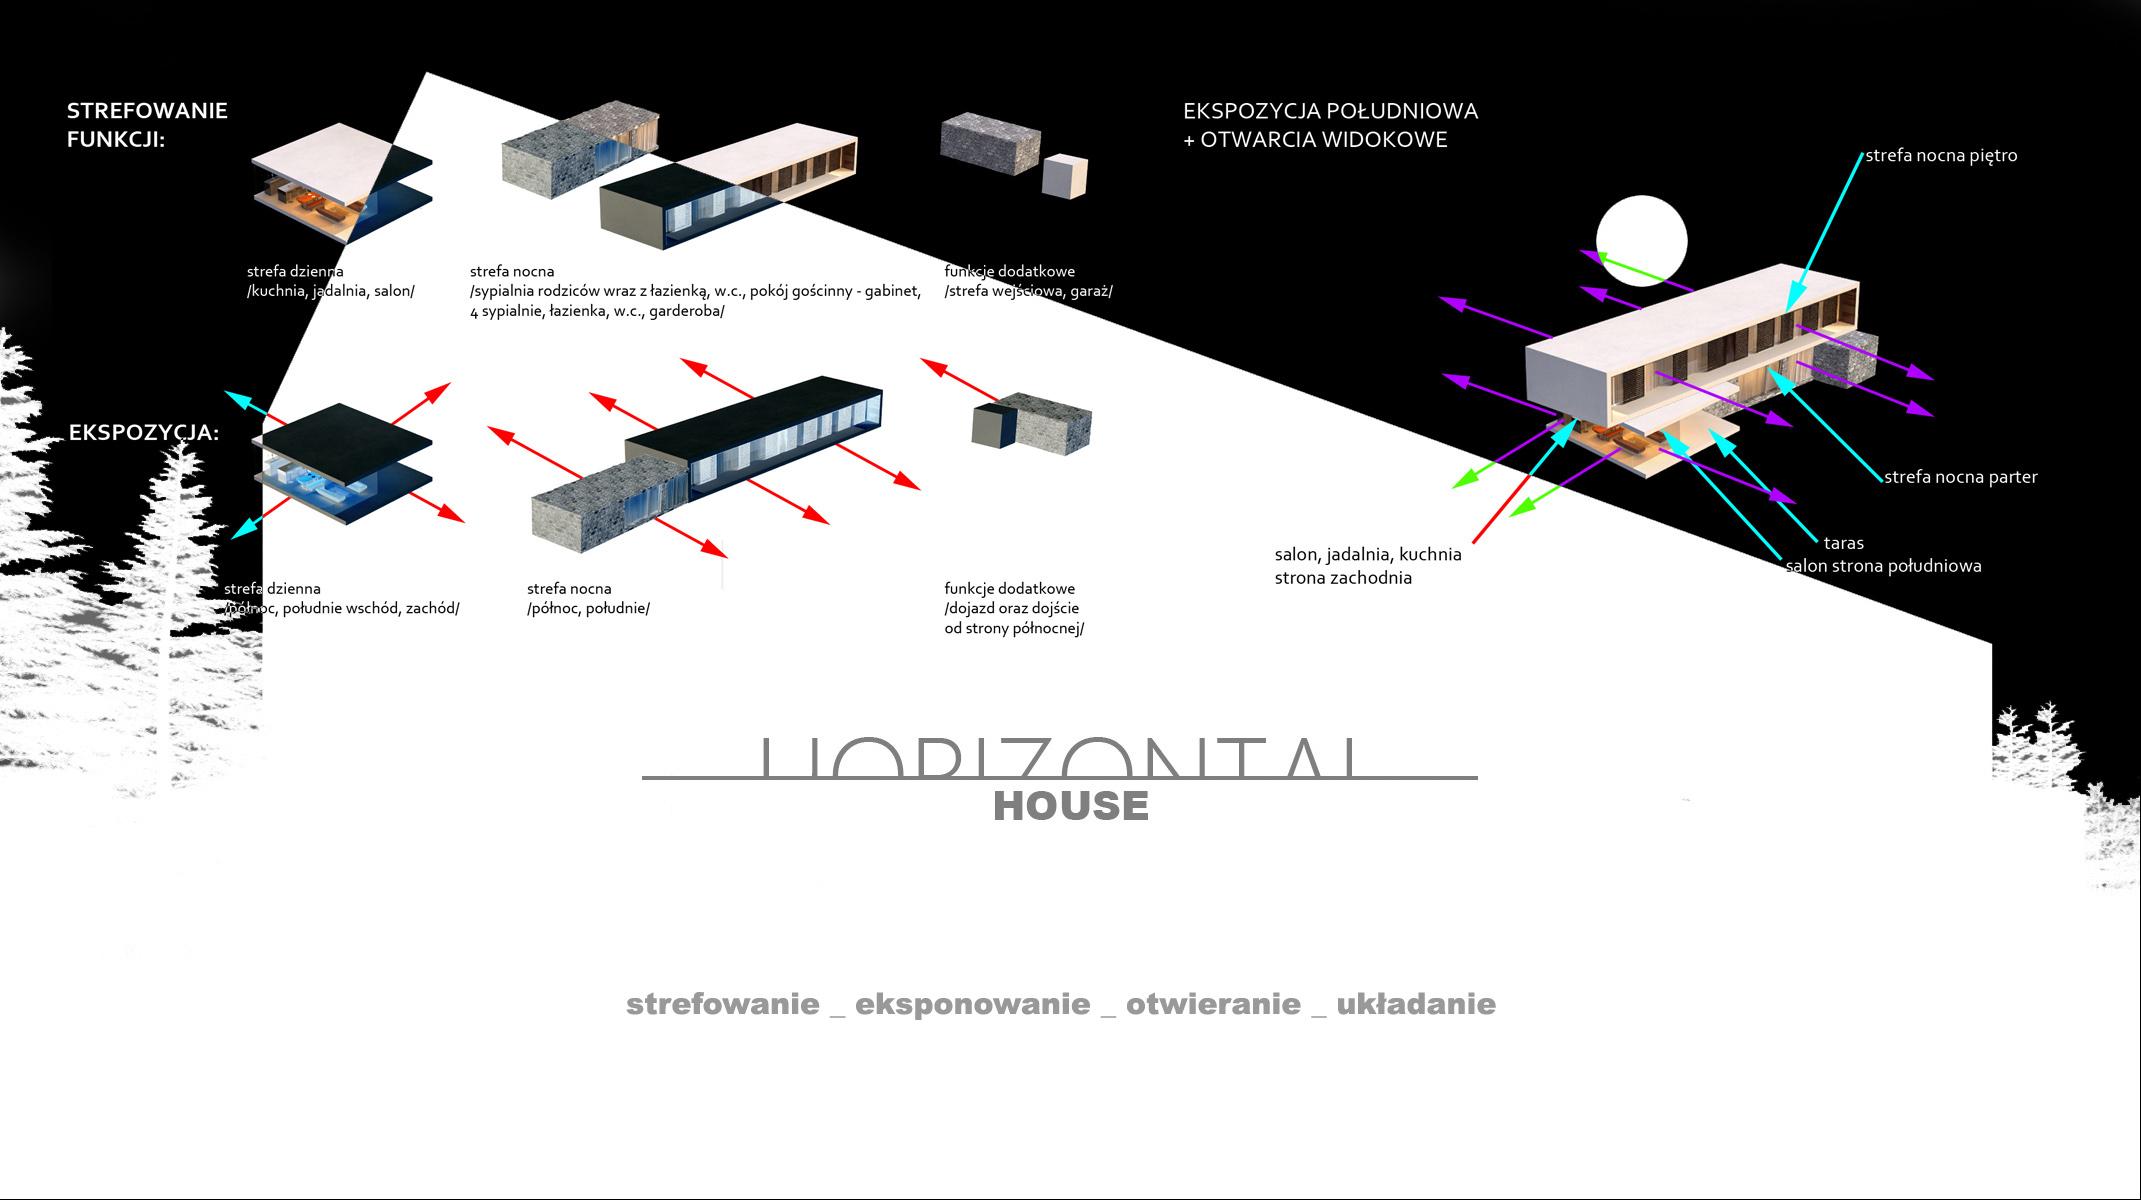 Horizontal House - strefowanie/eksponowanie/otwieranie/układanie